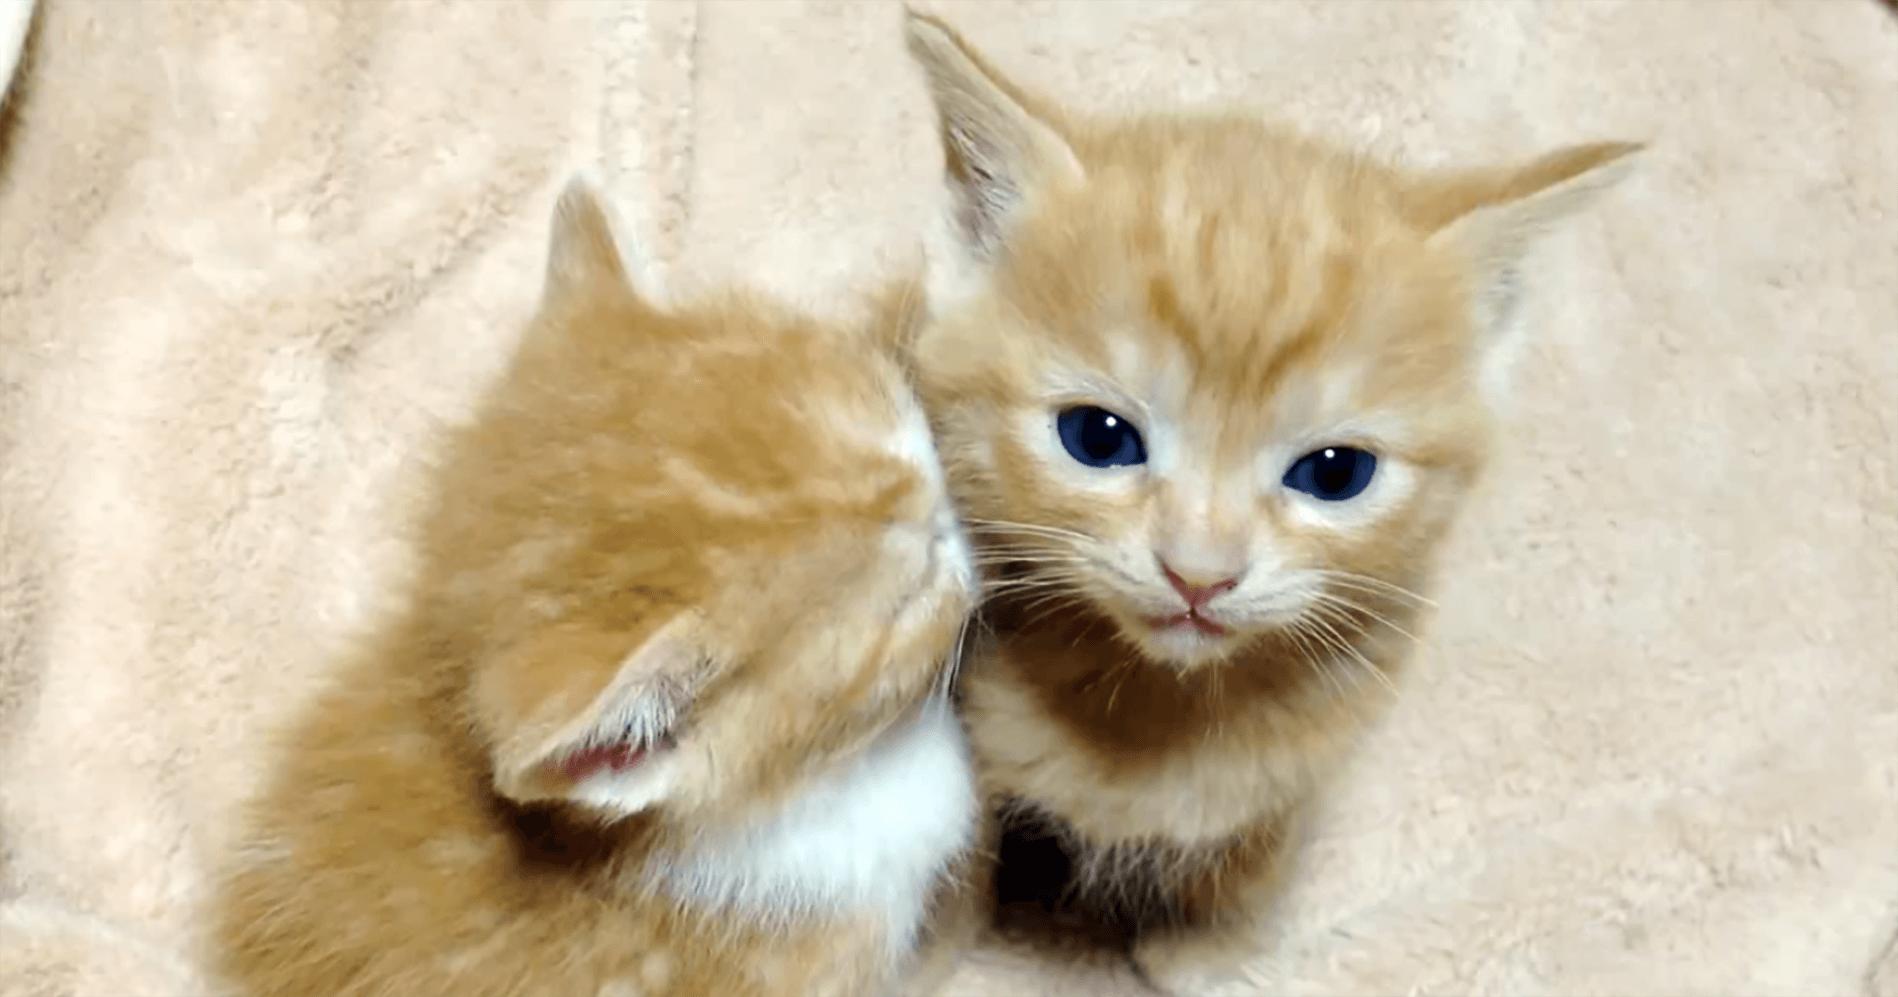 究極の癒し 隣の子に顔をうずめて眠っちゃった子猫 Curazy クレイジー 子猫 キュートな猫 猫 子猫